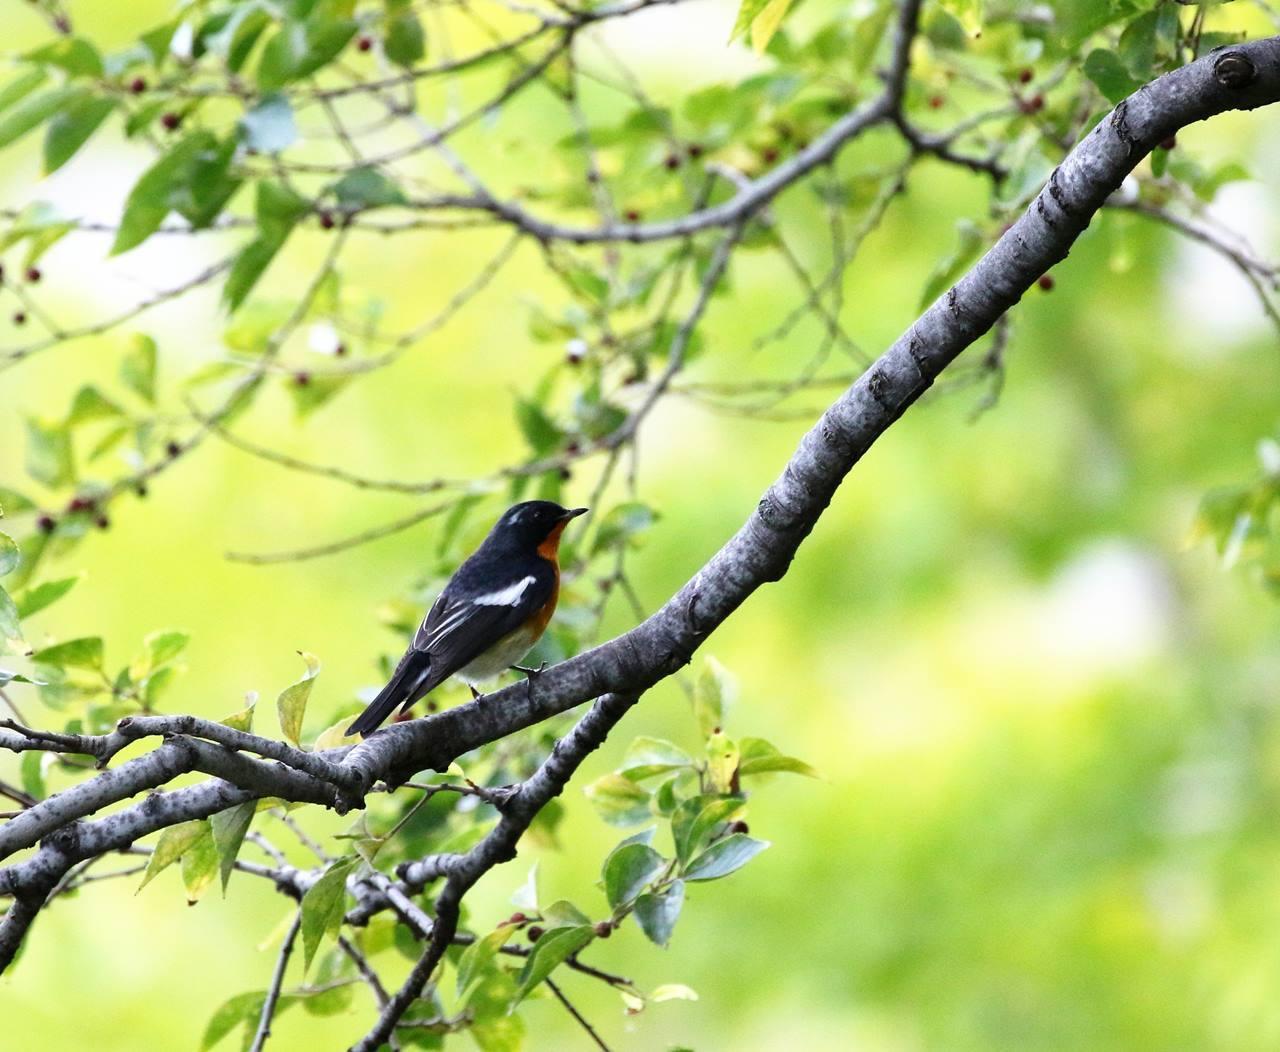 やっとムギマキ♂成鳥に出会う(その1)_c0213607_22364624.jpg